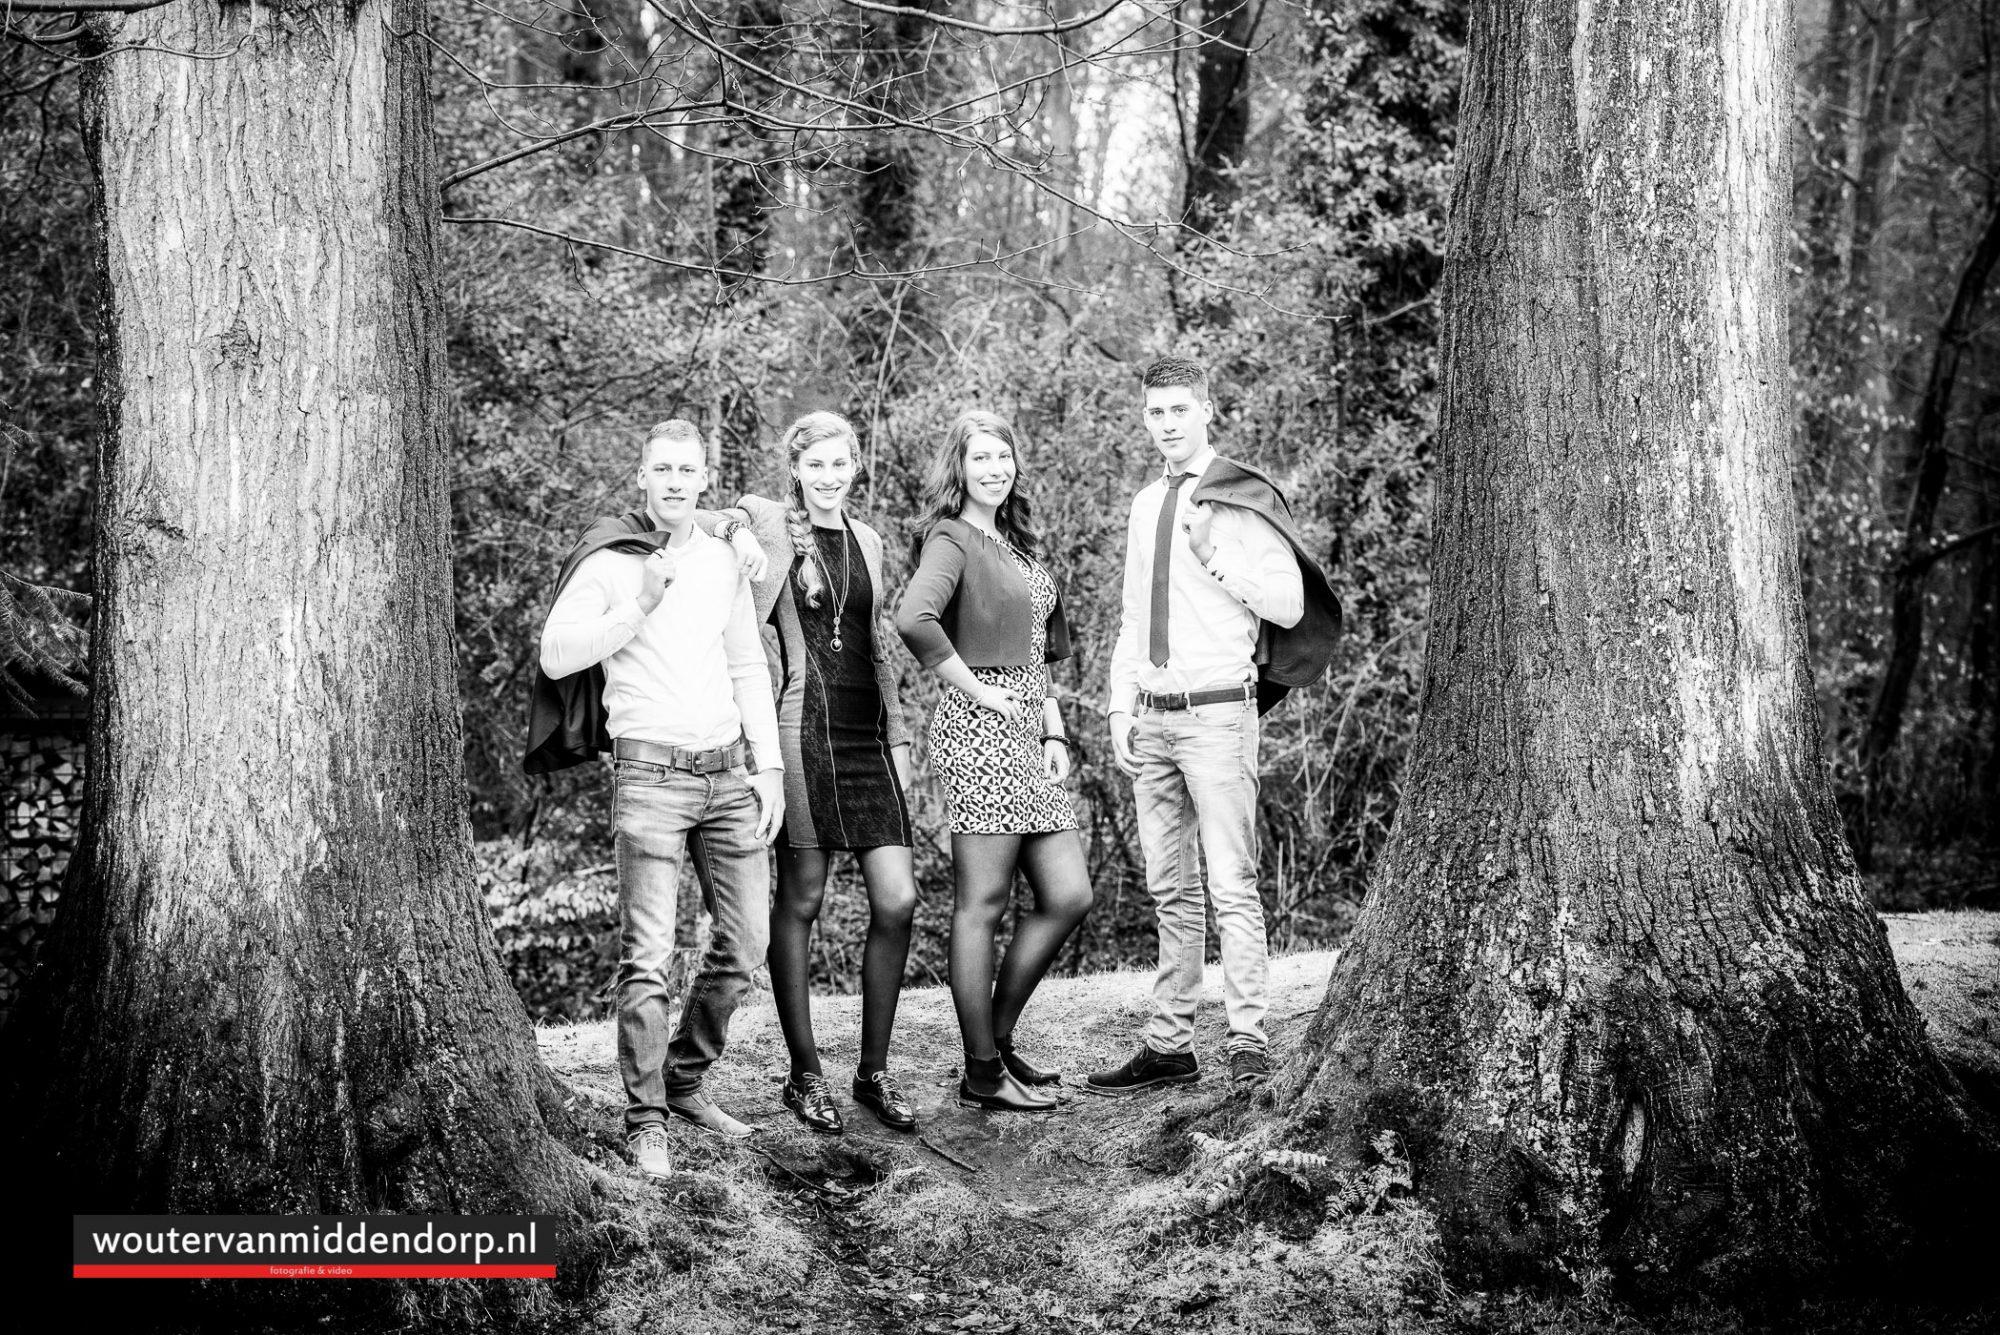 fotografie-wouter-van-middendorp-omgeving-ermelo-20